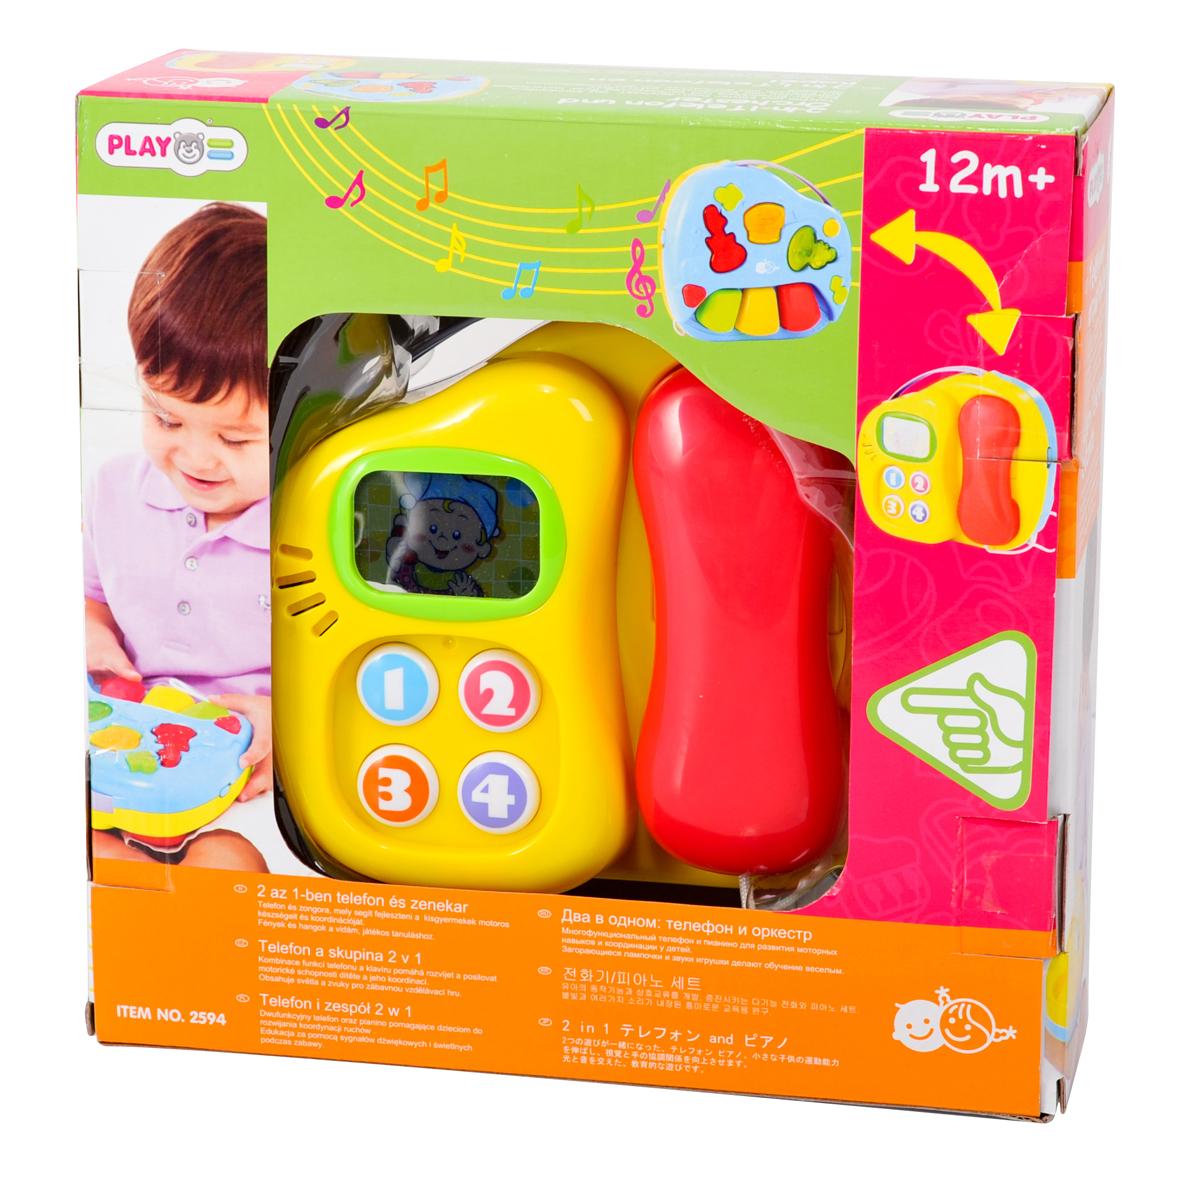 Playgo Игровой развивающий центр Телефон и оркестр игровые центры для малышей playgo игровой центр телефон и оркестр